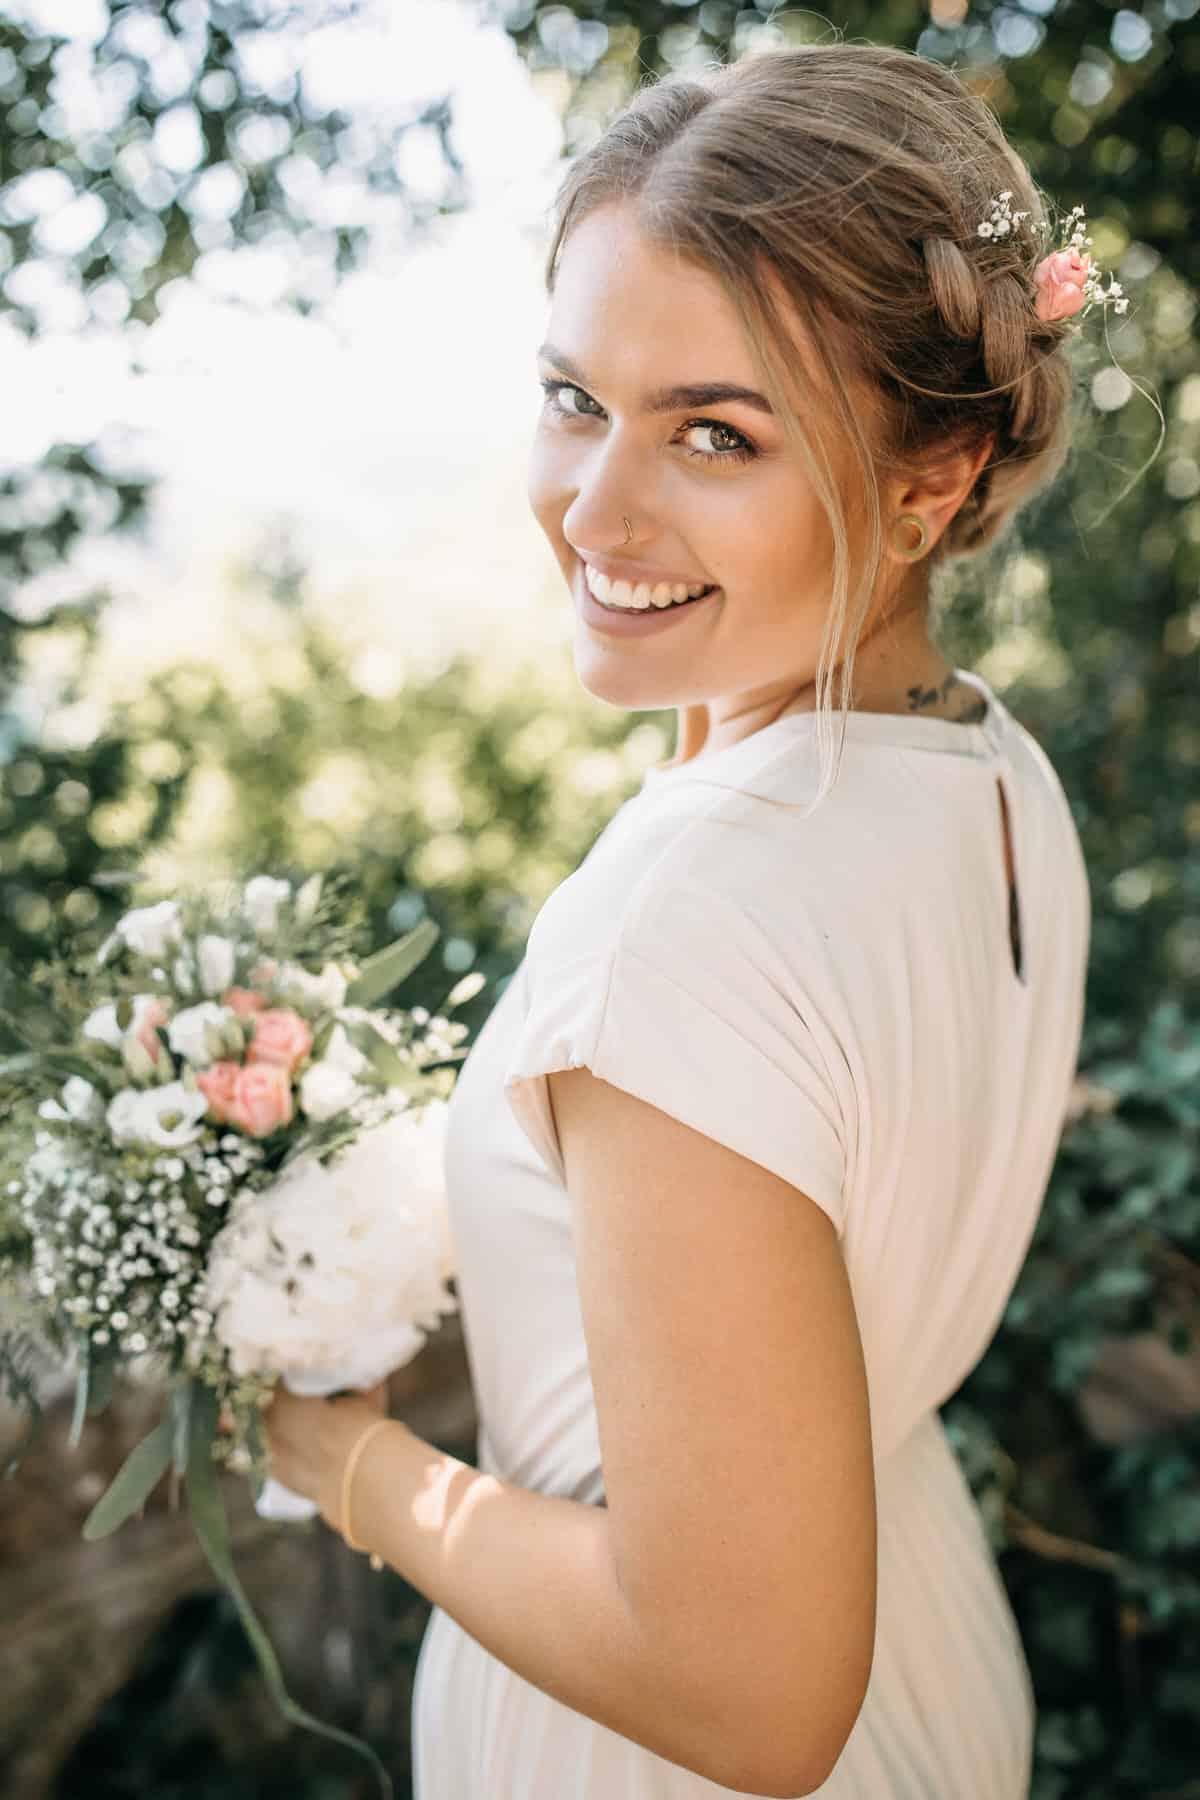 Hochzeitsfotograf im Saarland und der Pfalz - Portrait einer hübschen Braut mit Brautstrauß und Haarschmuck